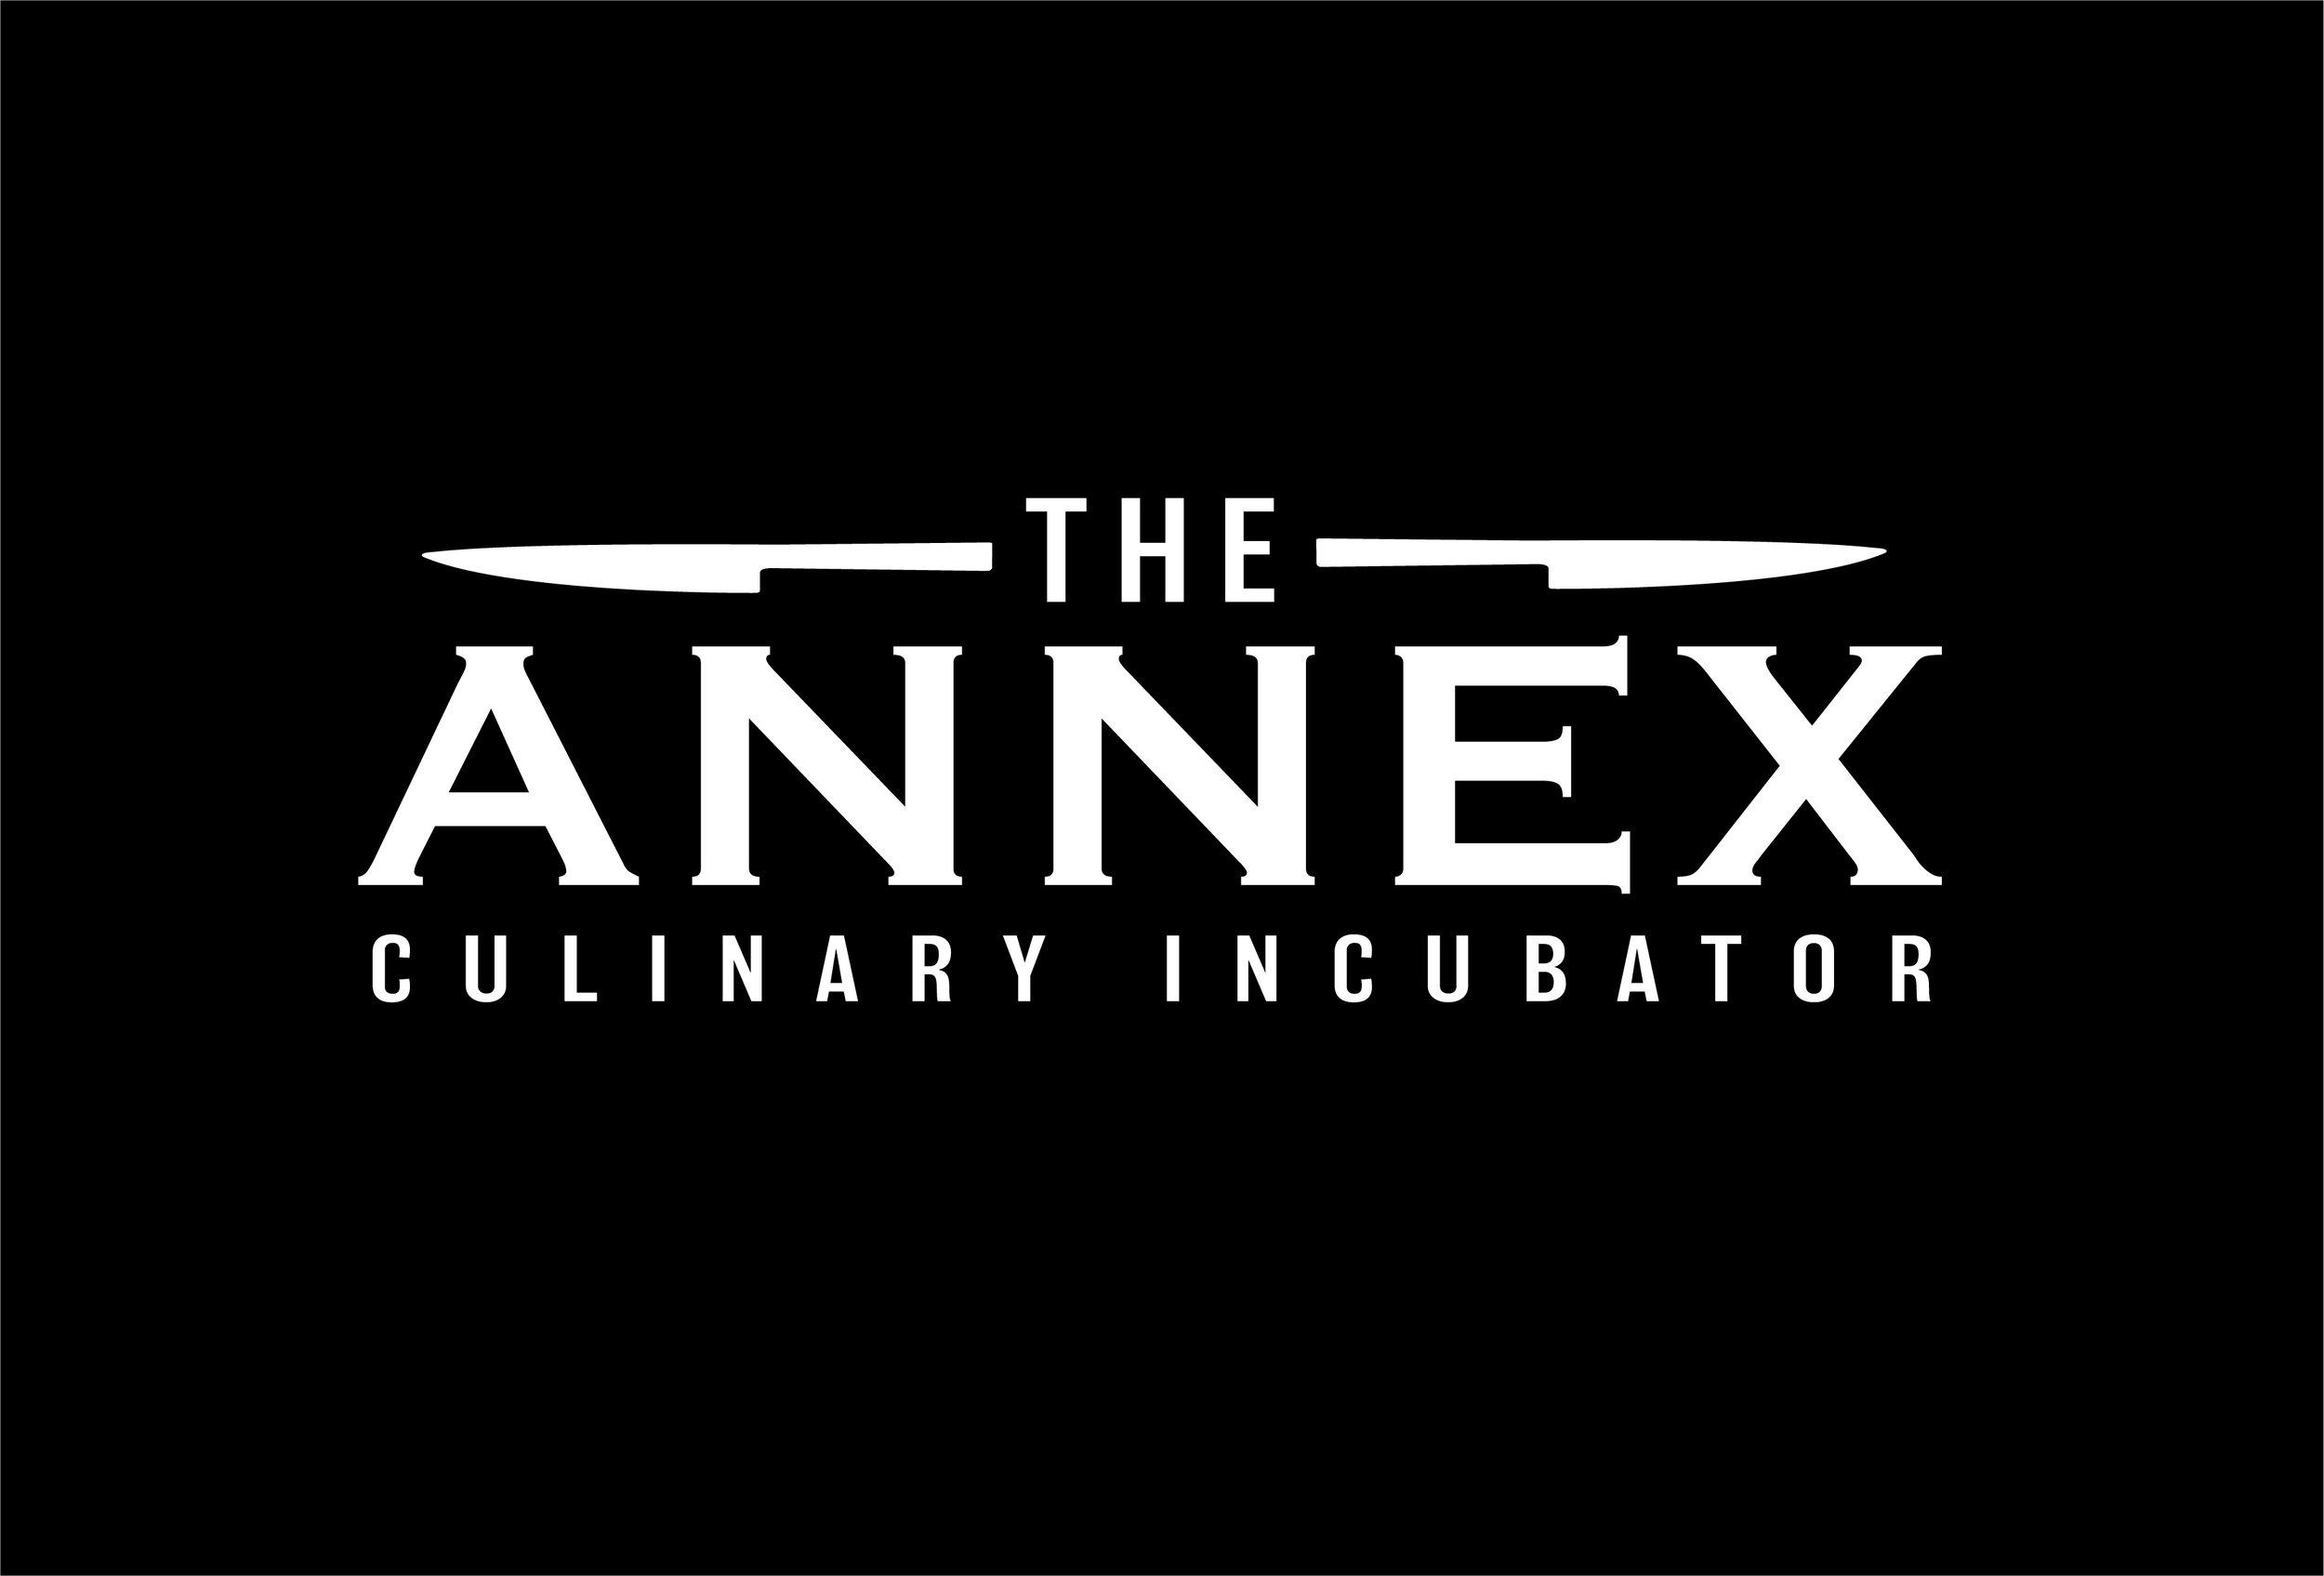 annex_FINAL_BLACK.jpg